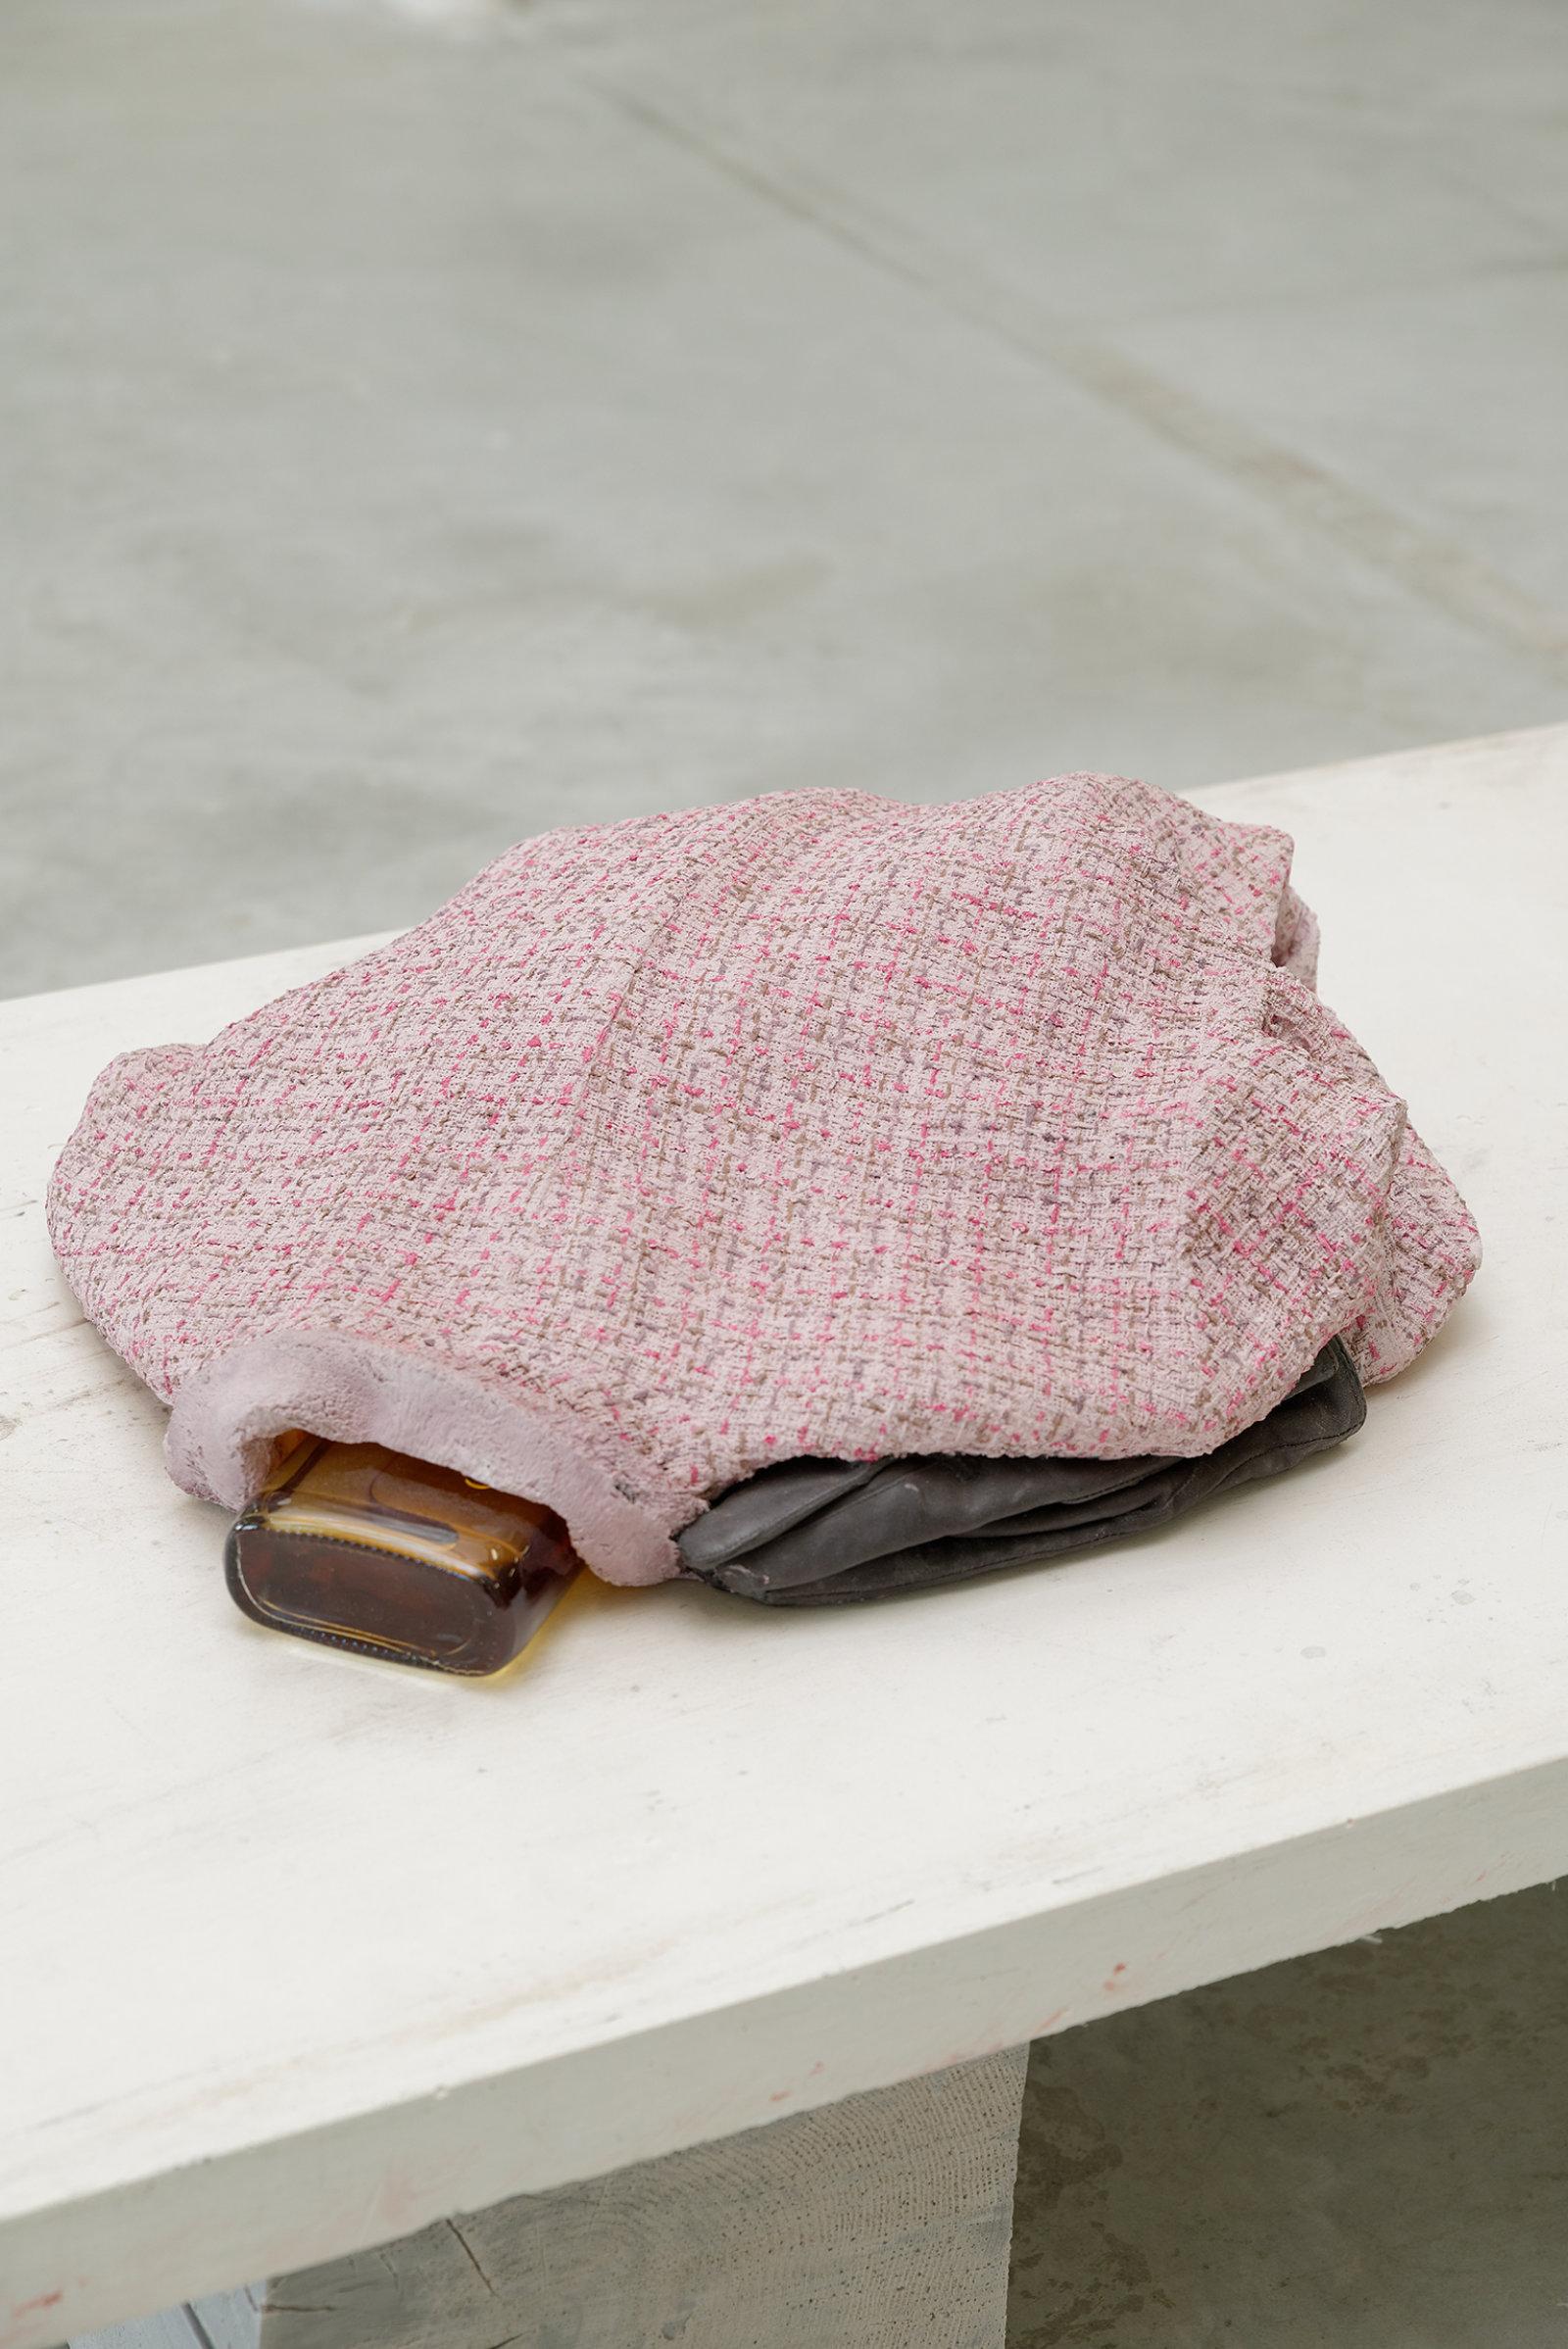 Liz Magor, Tweed (neck), 2008, polymerized gypsum, found object, 16 x 17 x 6 in. (41 x 41 x 14 cm) by Liz Magor